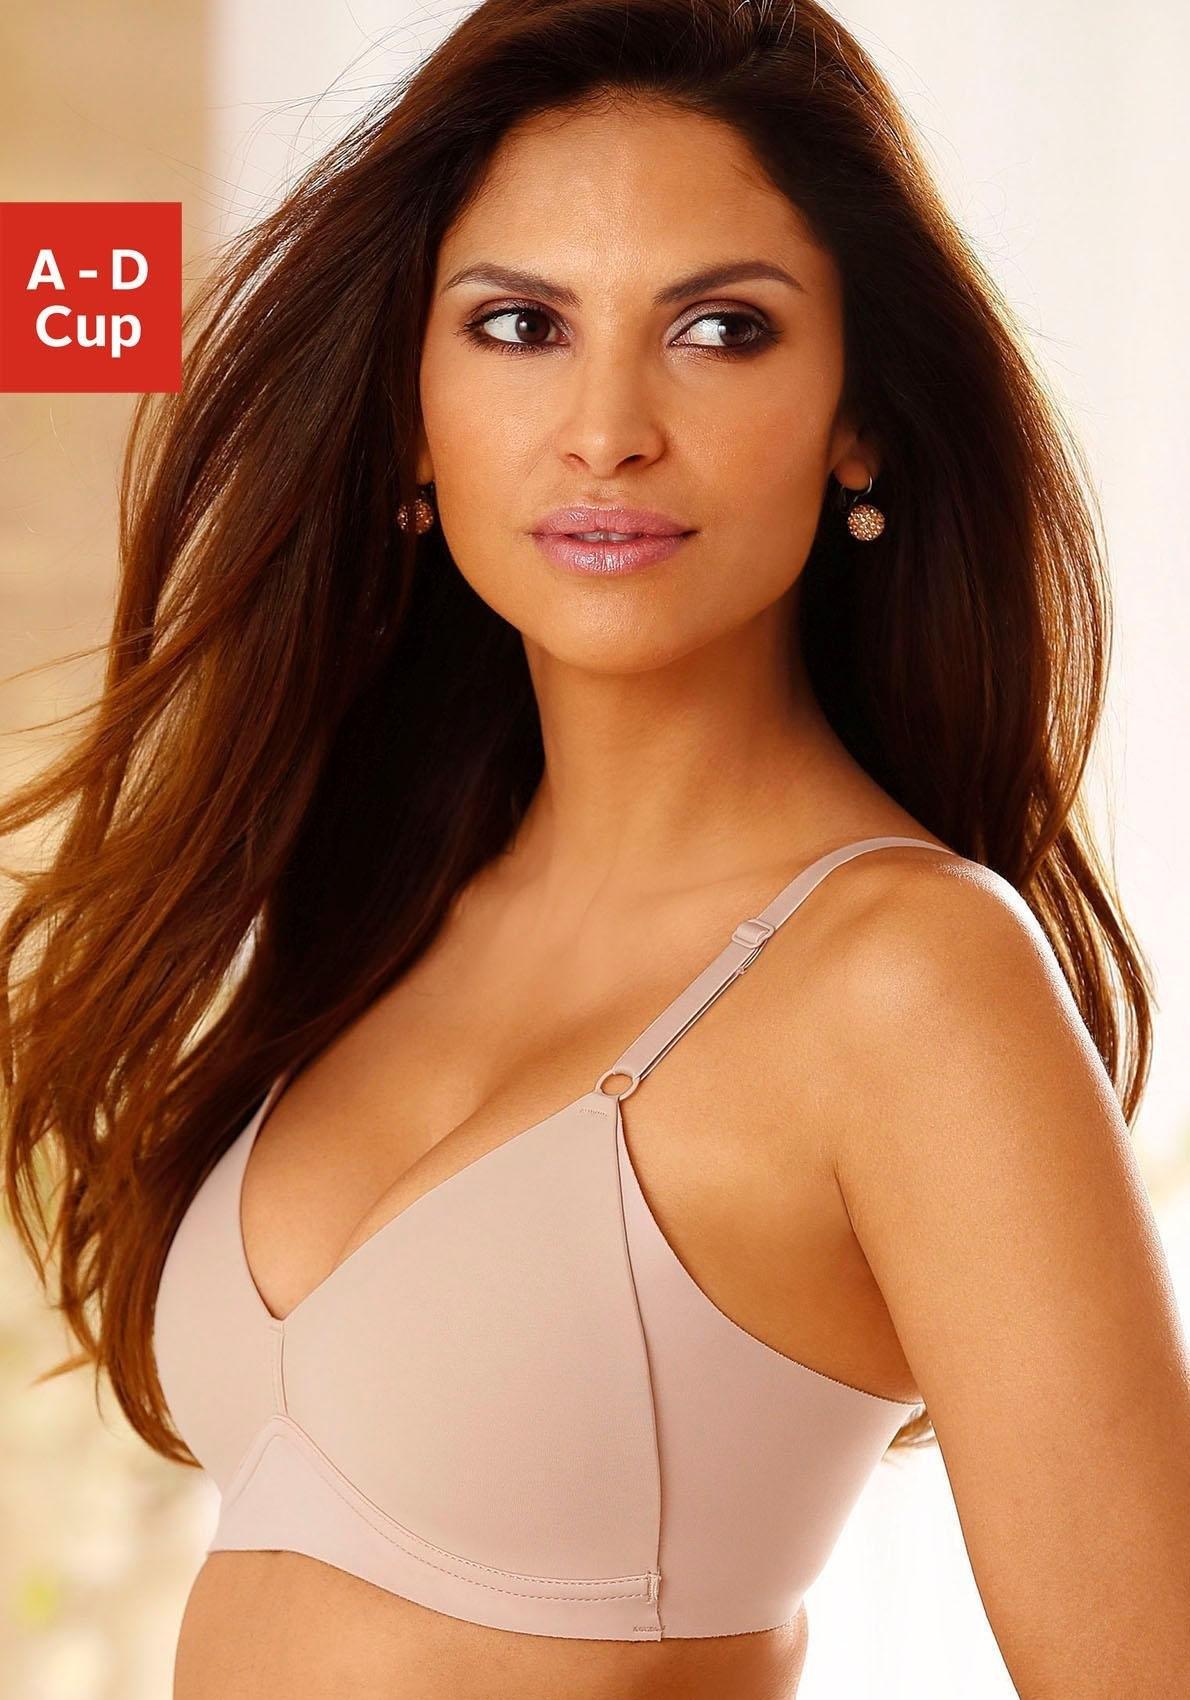 Naturana BH met steuncups zonder beugels »Side smoother« met hoge, modellerende zijstukken bij Lascana online kopen